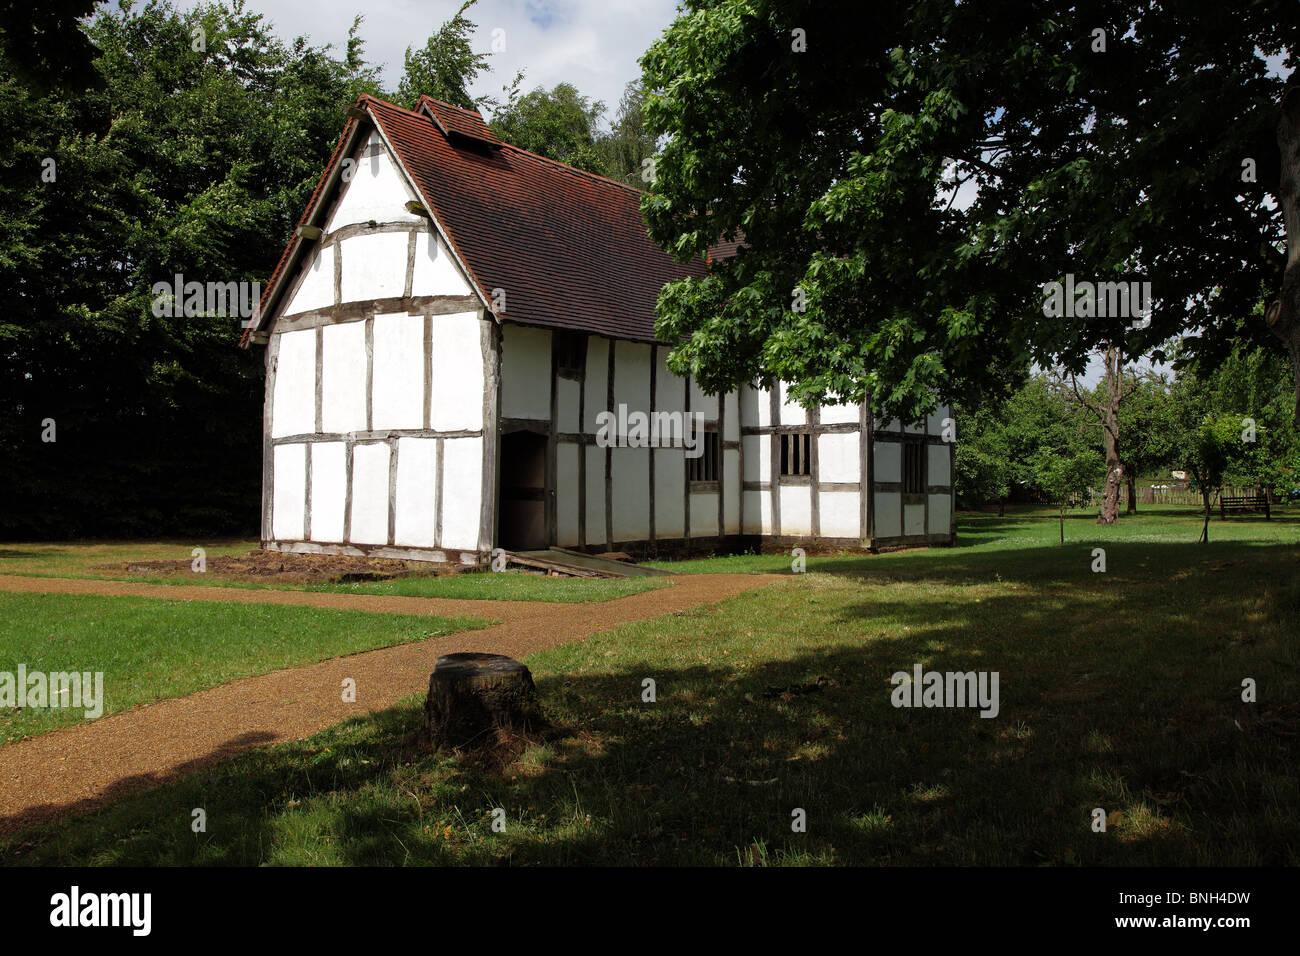 MERCHANT'S HOUSE.  WORCESTERSHIRE.  ENGLAND.  UK - Stock Image